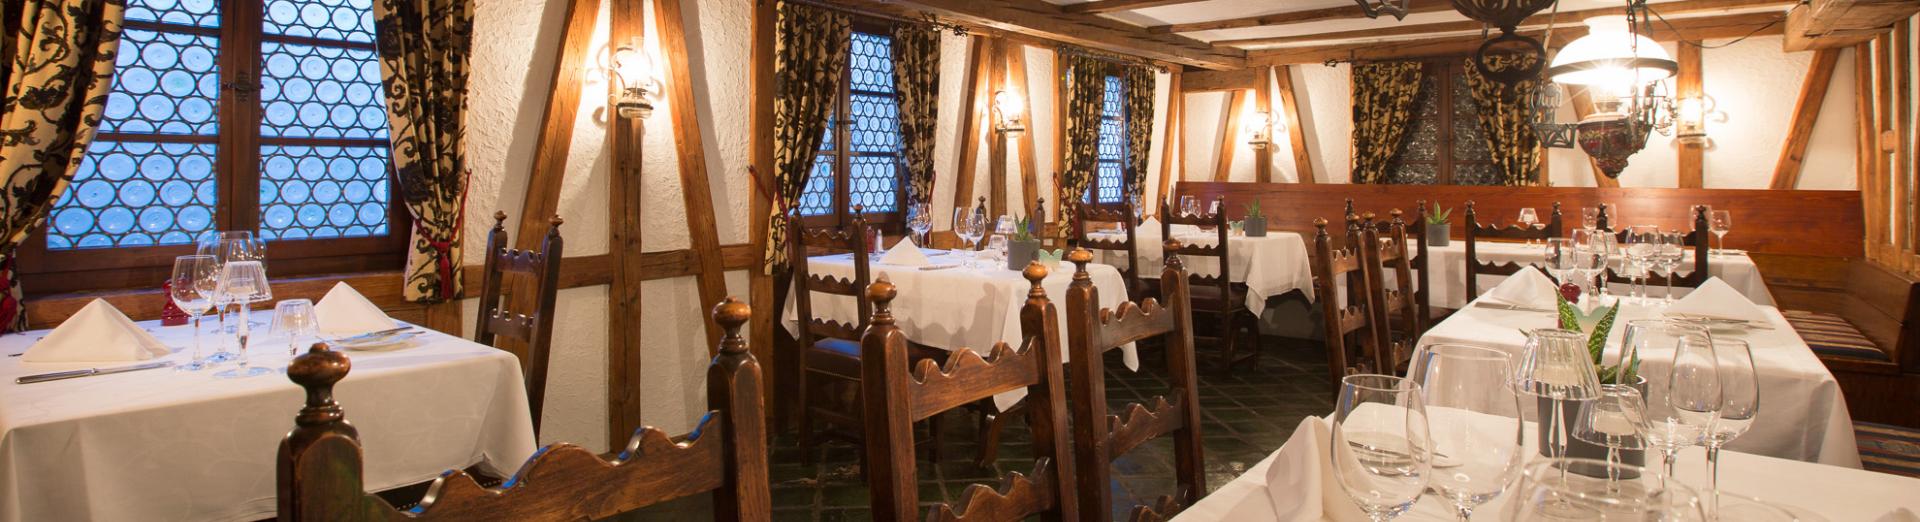 Tisch reservieren im Restaurant Swiss-Chalet